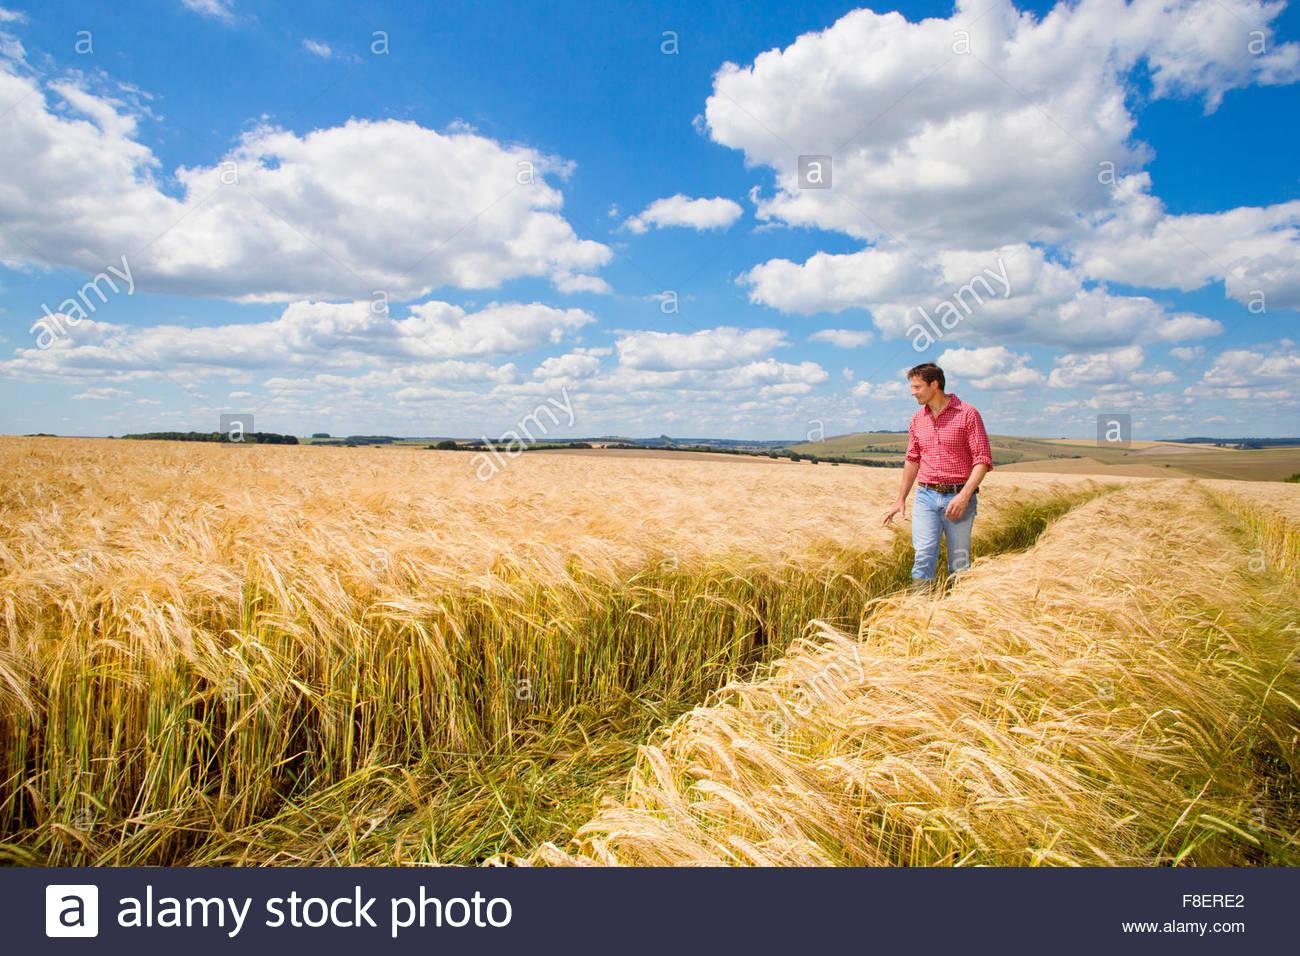 Examinando el agricultor rural soleado campo de cultivo de cebada en verano Imagen De Stock